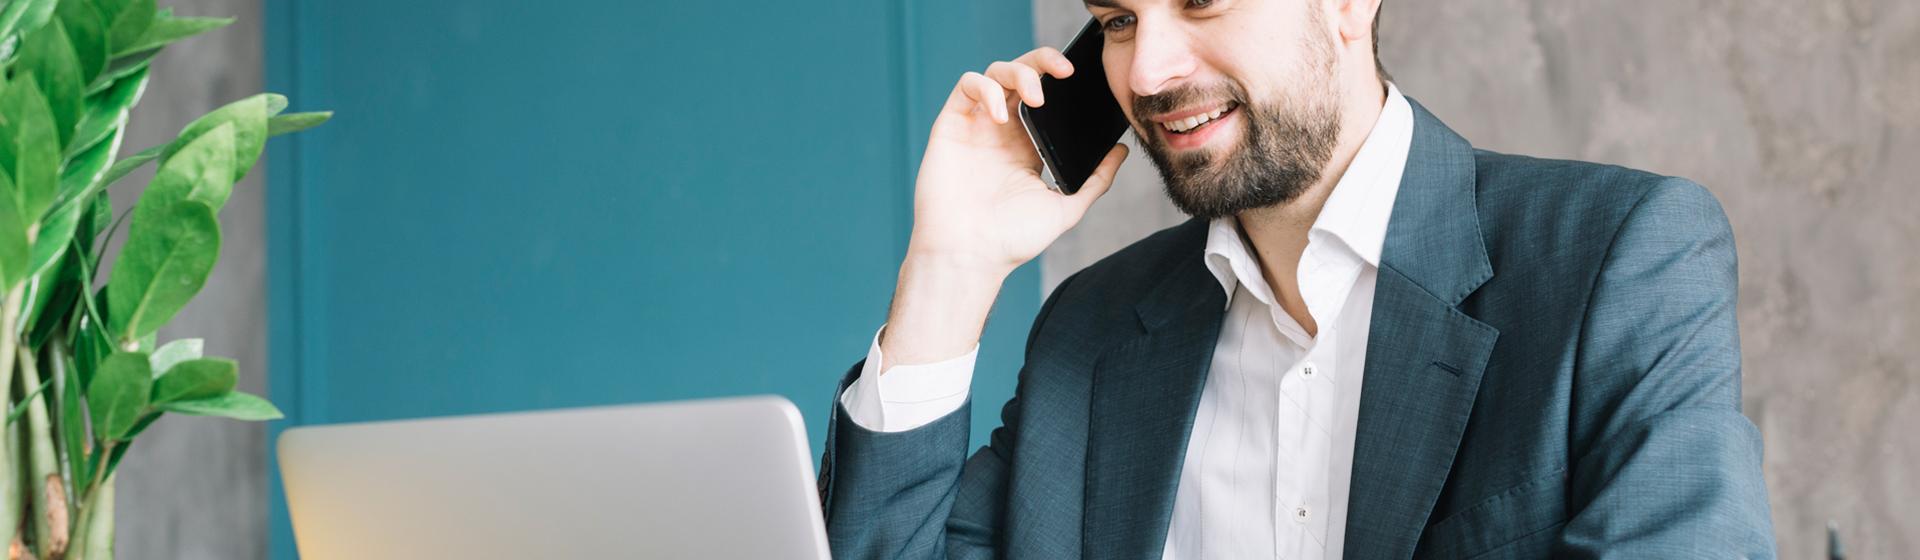 Bg cursos   abordagem telefonica